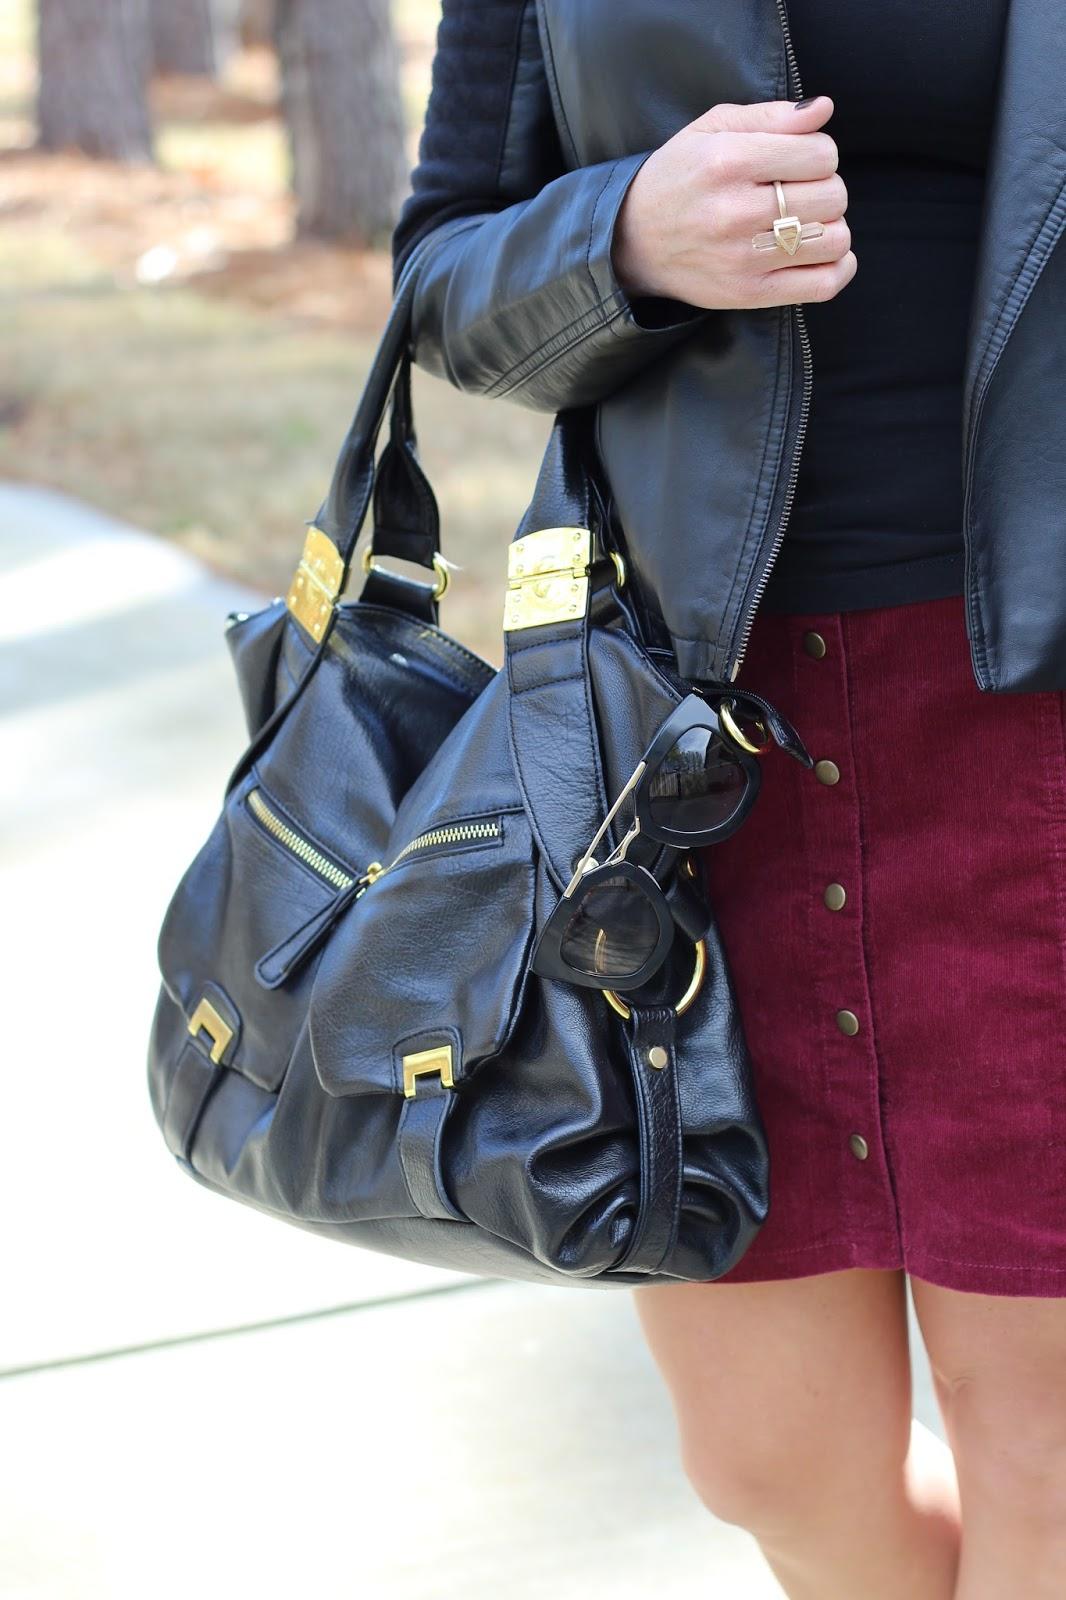 Black and Gold Hobo bag, corduroy skirt, prada sunglasses